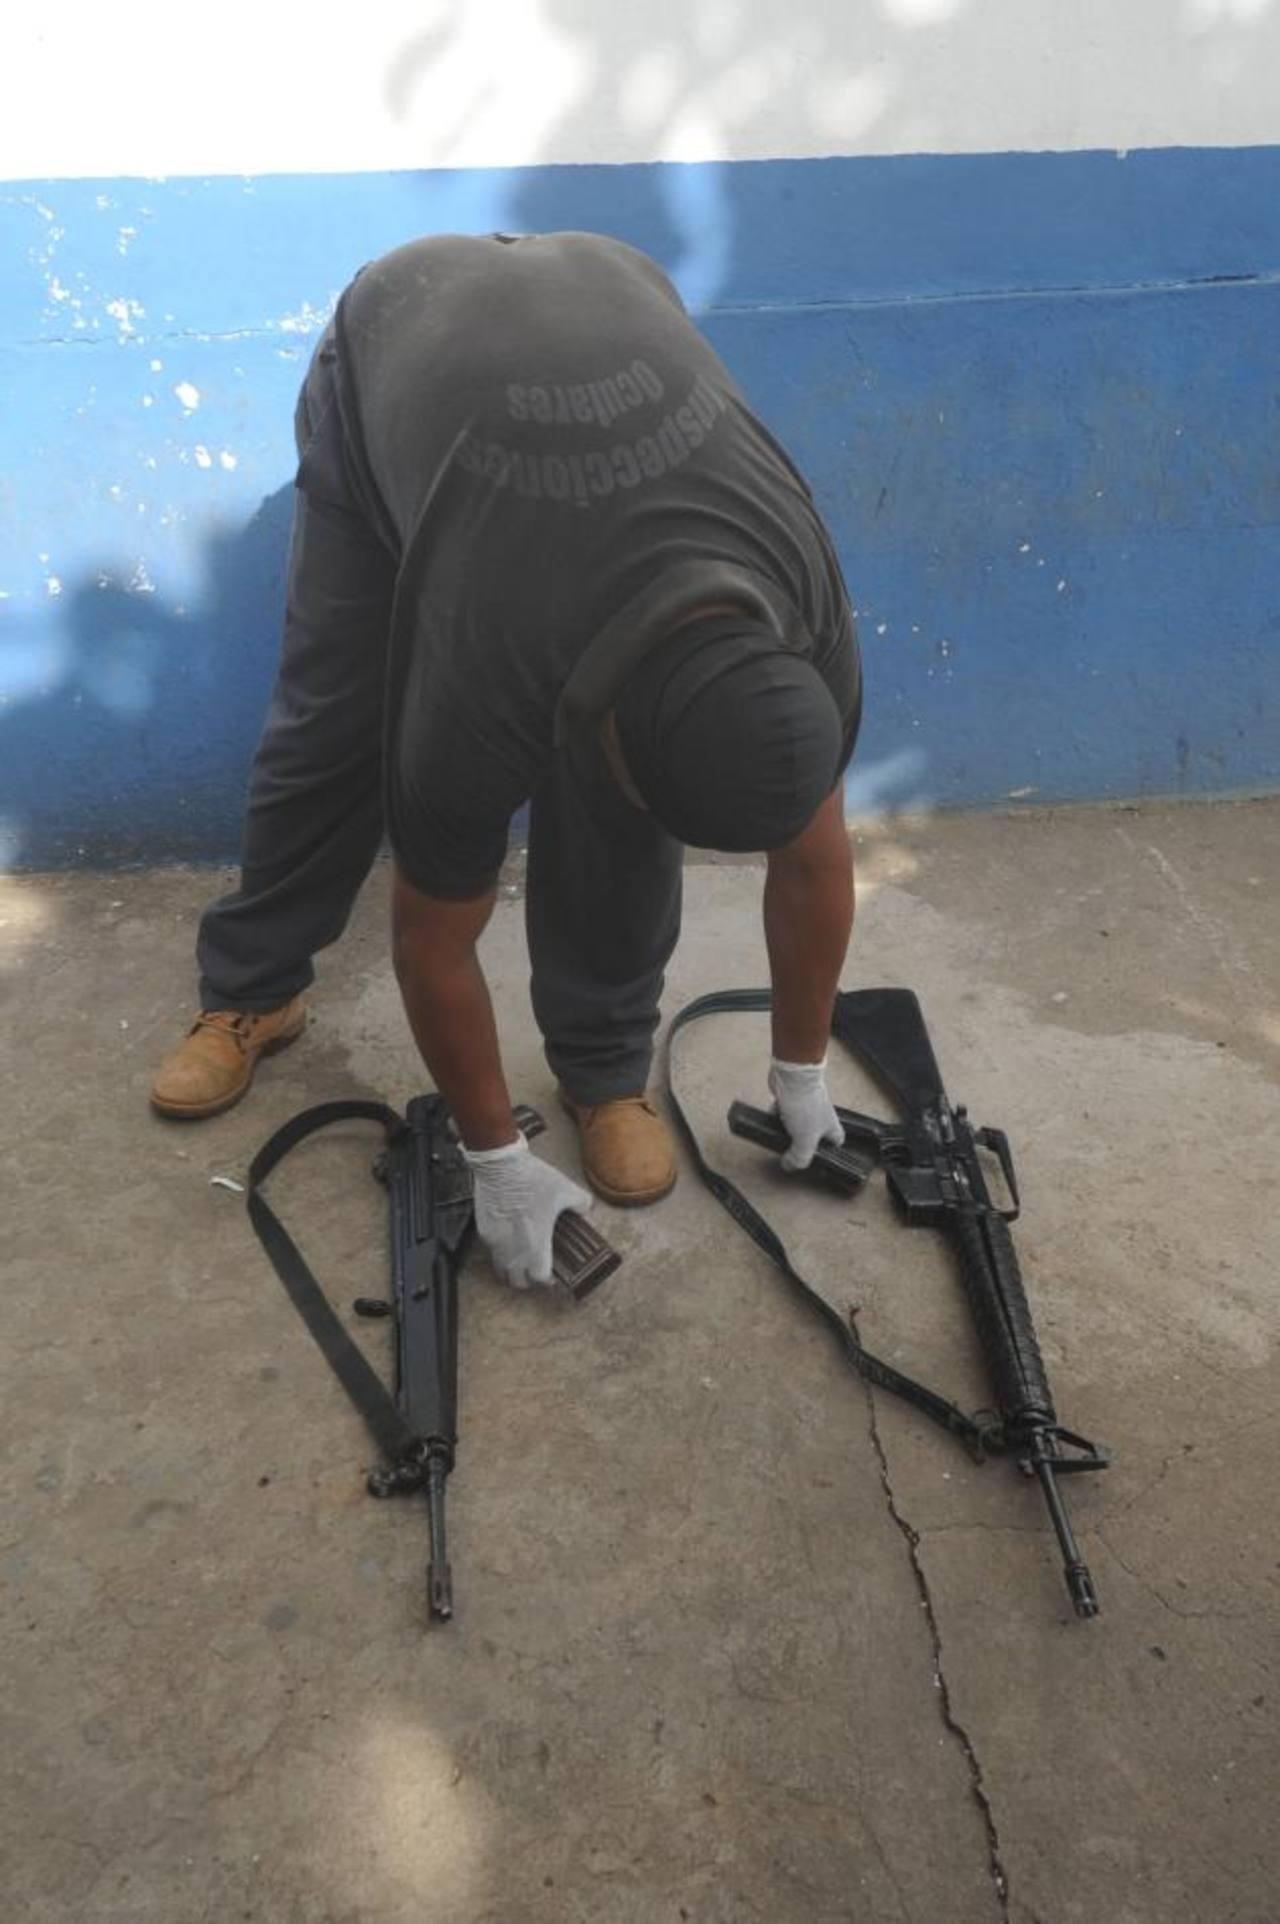 El 9 de julio, la Policía decomisó dos fusiles M-16, propiedad de la FAES, a pandilleros de la comunidad Las Palmas.